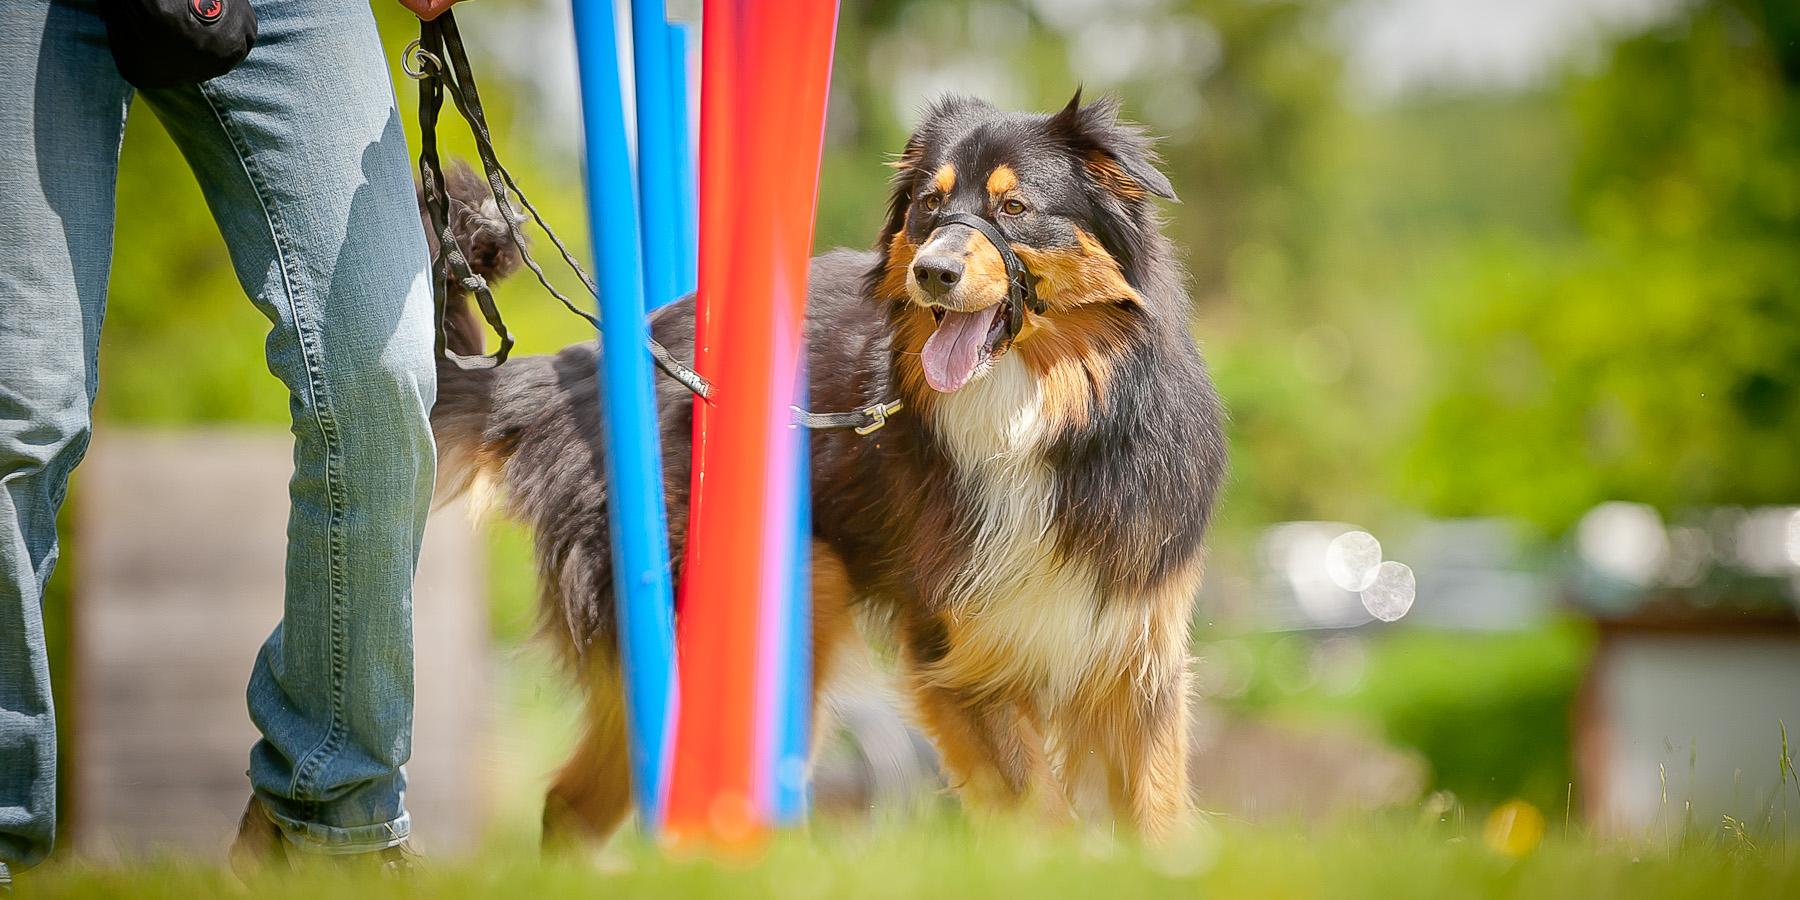 Die Tierarztpraxis Grath bietet auch eine Hundeschule an, bei der Sie an der Rüpelgruppe teilnehmen können